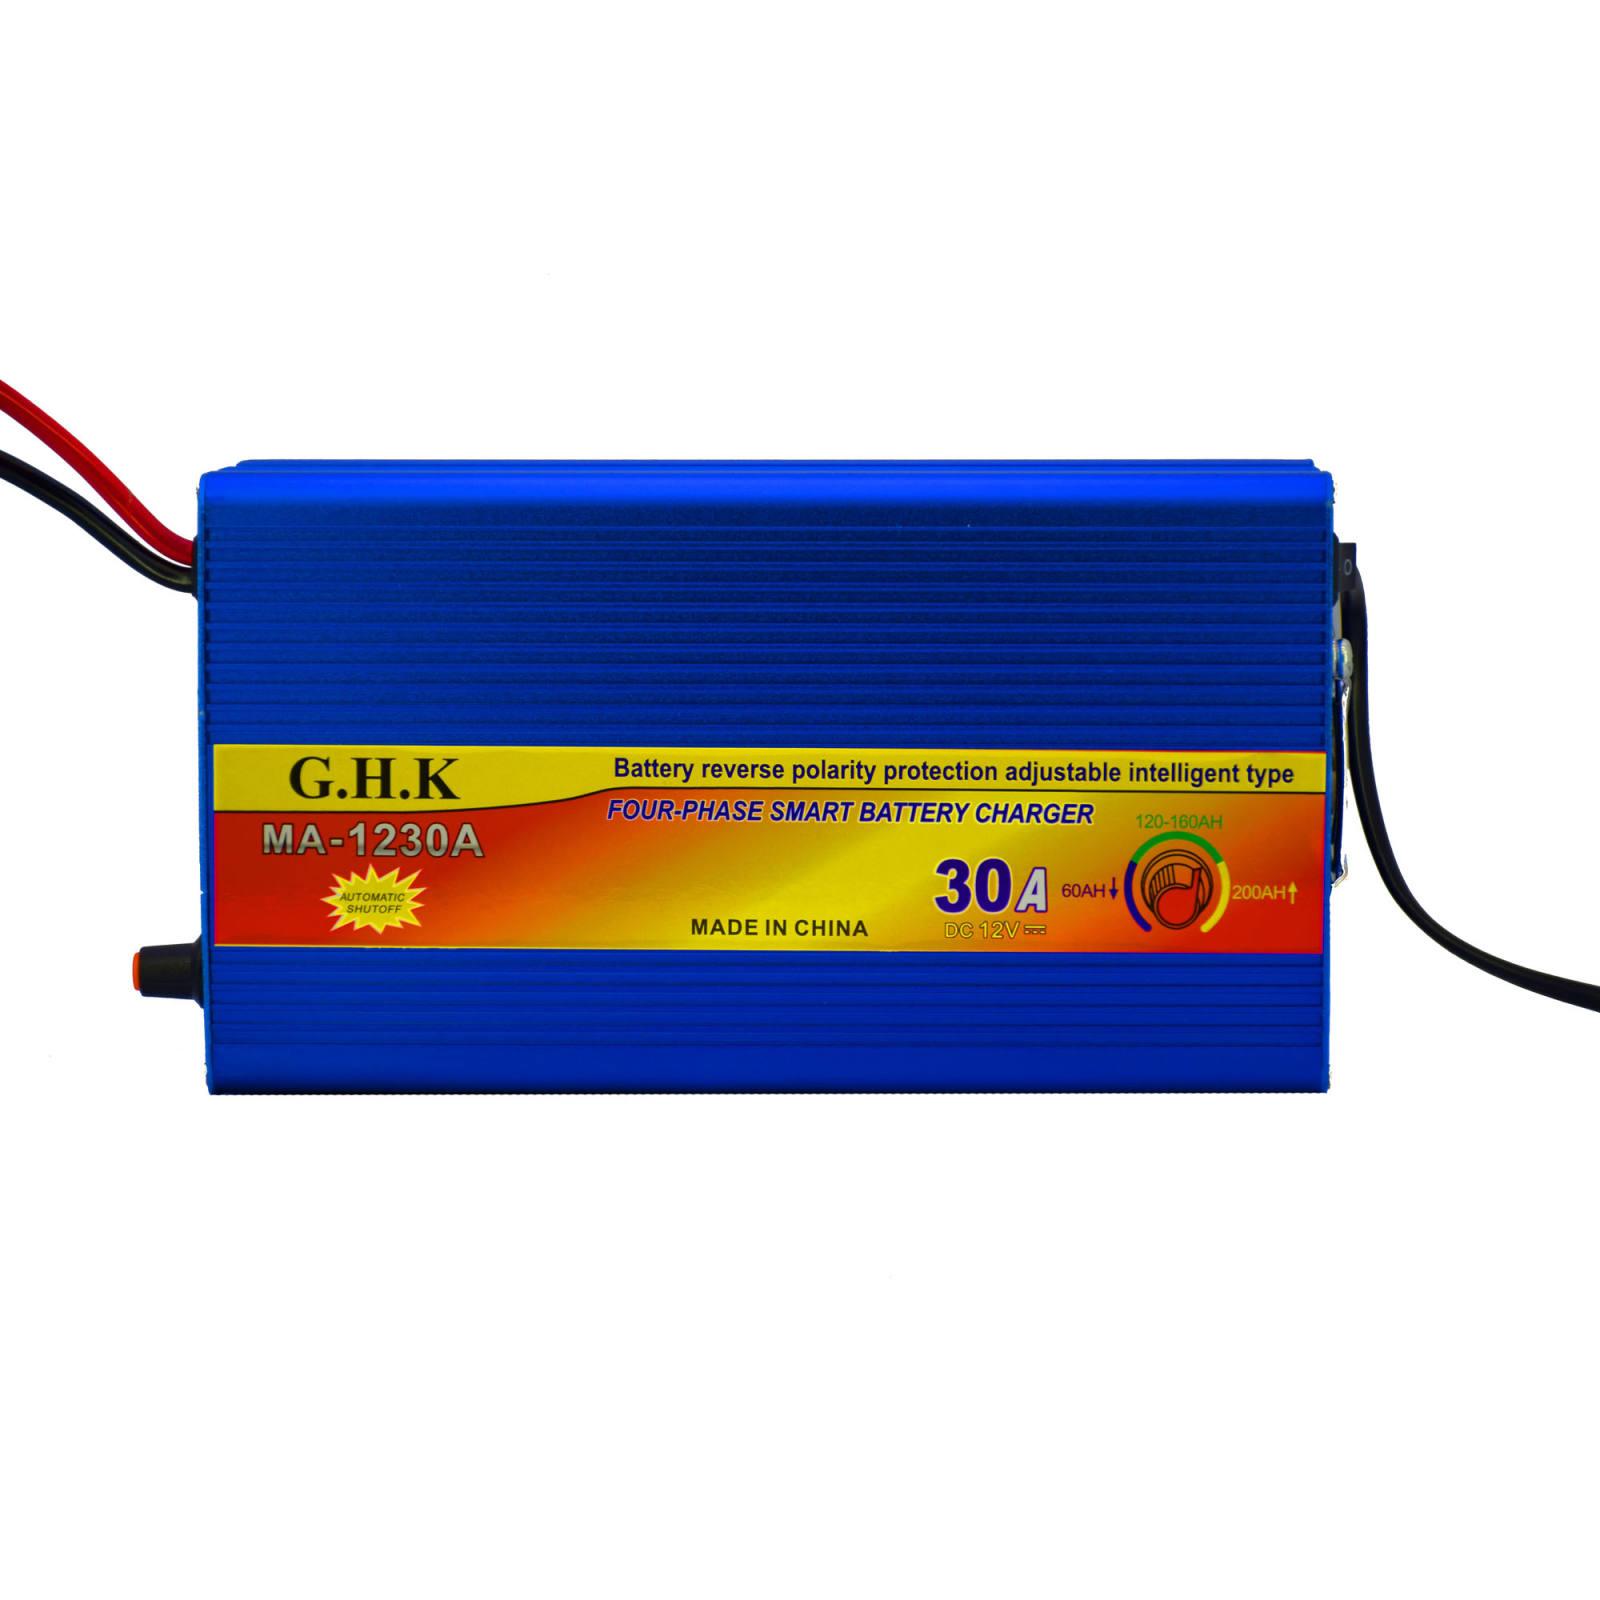 شارژر باتری خودرو جی اچ کا مدل G-01